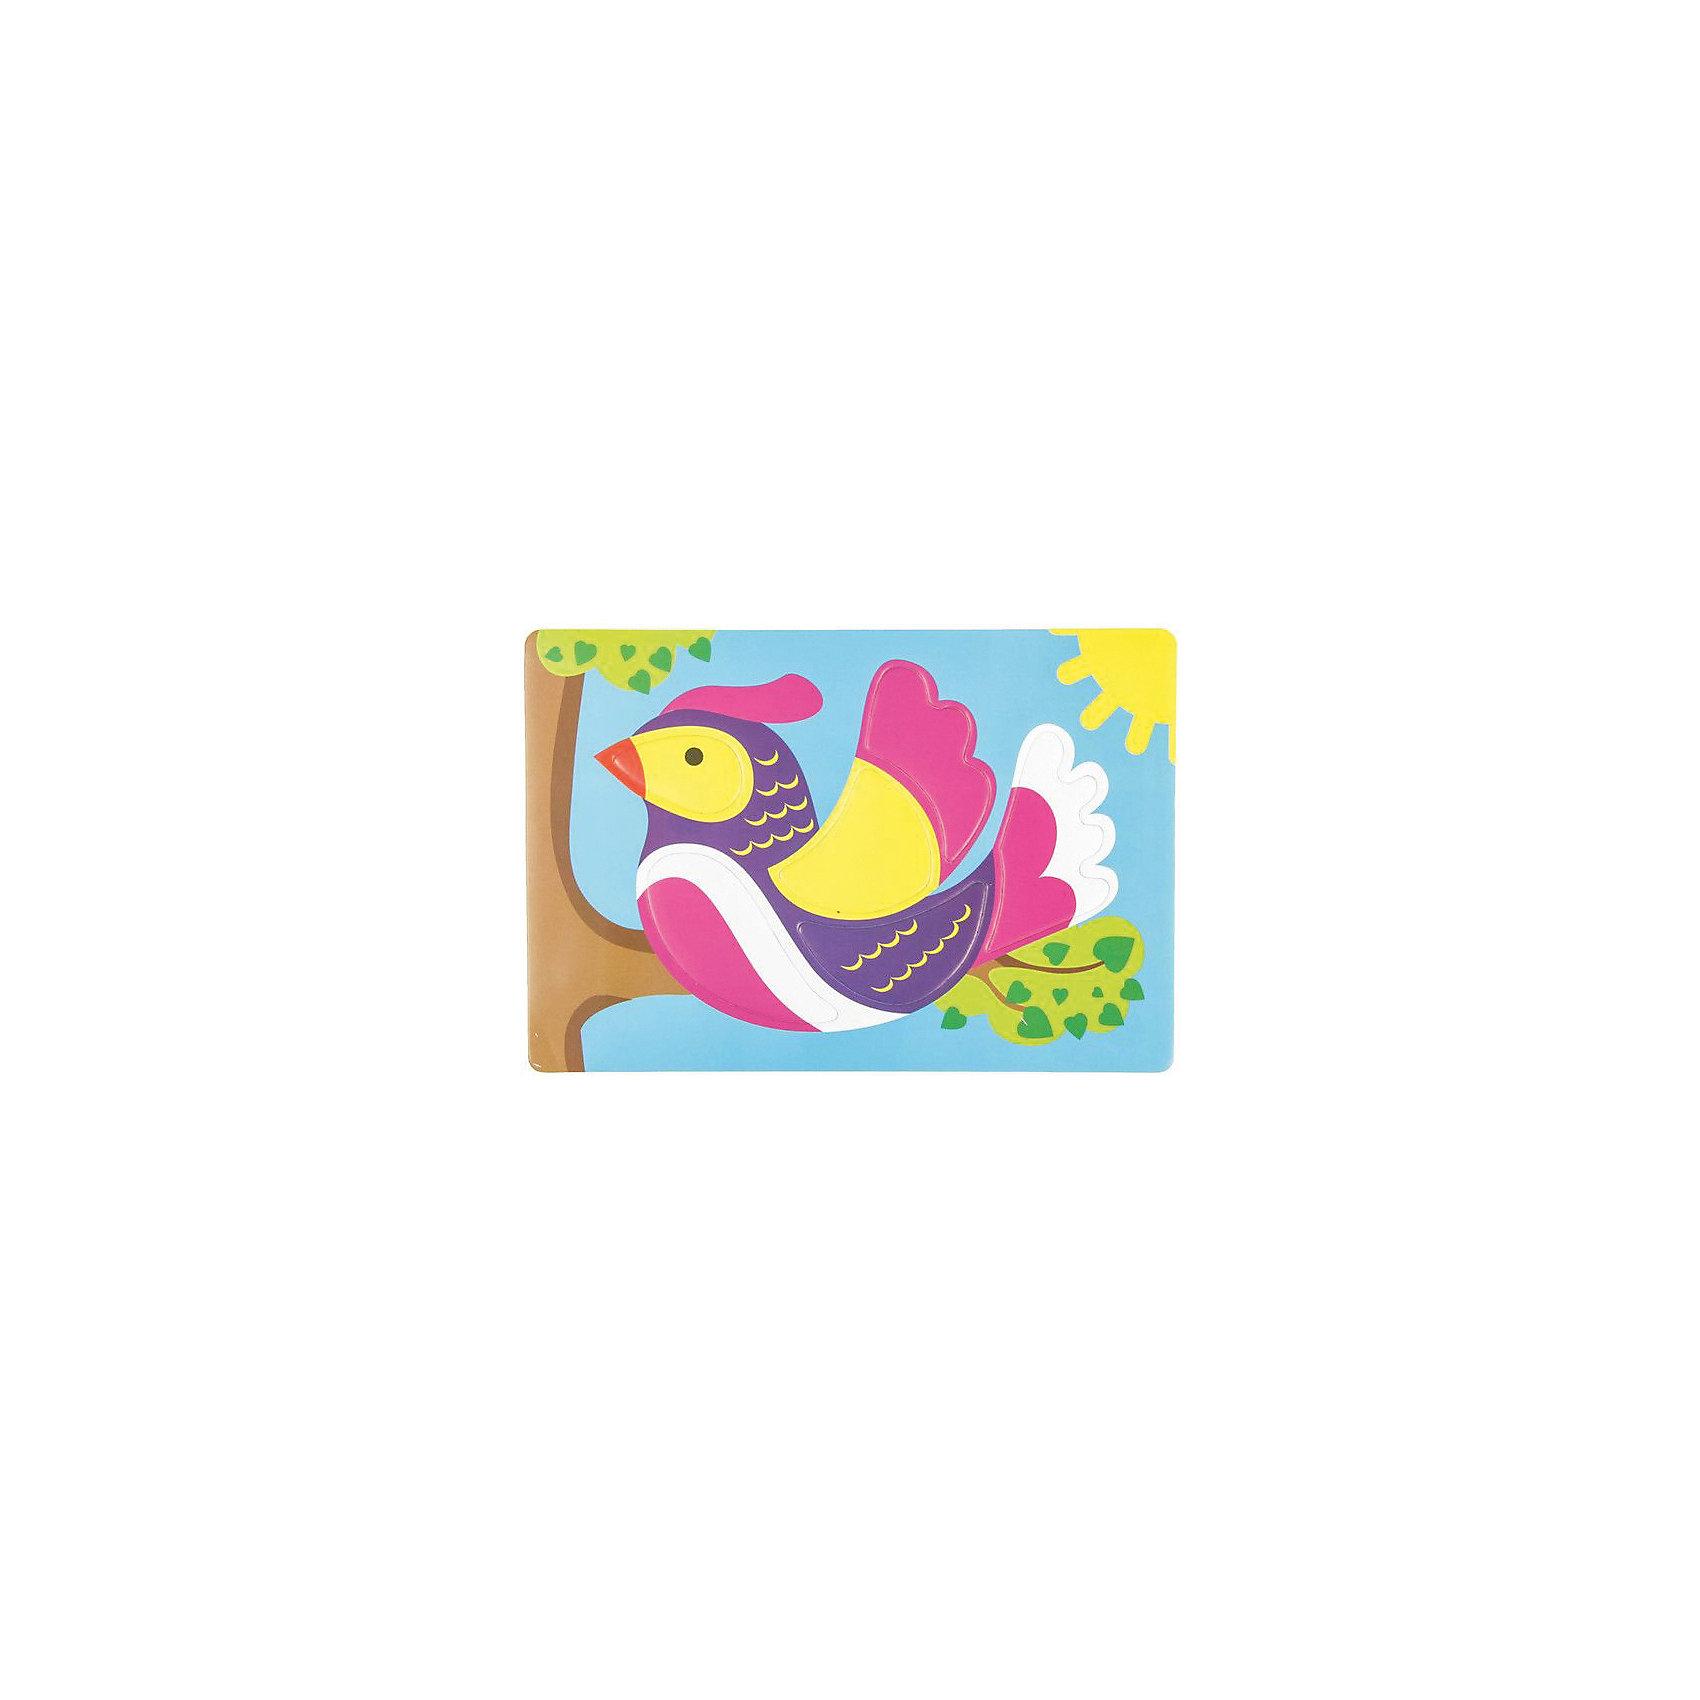 Мягкий конструктор ПтичкаМягкие пазлы<br>Мягкий конструктор Птичка<br><br>Характеристики:<br><br>• развивает мелкую моторику, логику и пространственное мышление<br>• мягкие детали из безопасных материалов<br>• размер упаковки: 22х24,3 см<br>• издательство: Феникс-Премьер<br>• вес: 25 грамм<br><br>Мягкий конструктор - интересный вид творчества, доступный даже малышам. Собрав мягкие детали, ребенок порадуется красивой объемной птичке. Игра с мягким конструктором способствует развитию моторики рук, пространственного, логического мышления и координации движений. Такой конструктор порадует малыша, и он с радостью будет заниматься!<br><br>Мягкий конструктор Птичка вы можете купить в нашем интернет-магазине.<br><br>Ширина мм: 243<br>Глубина мм: 220<br>Высота мм: 20<br>Вес г: 25<br>Возраст от месяцев: 36<br>Возраст до месяцев: 2147483647<br>Пол: Унисекс<br>Возраст: Детский<br>SKU: 5518114